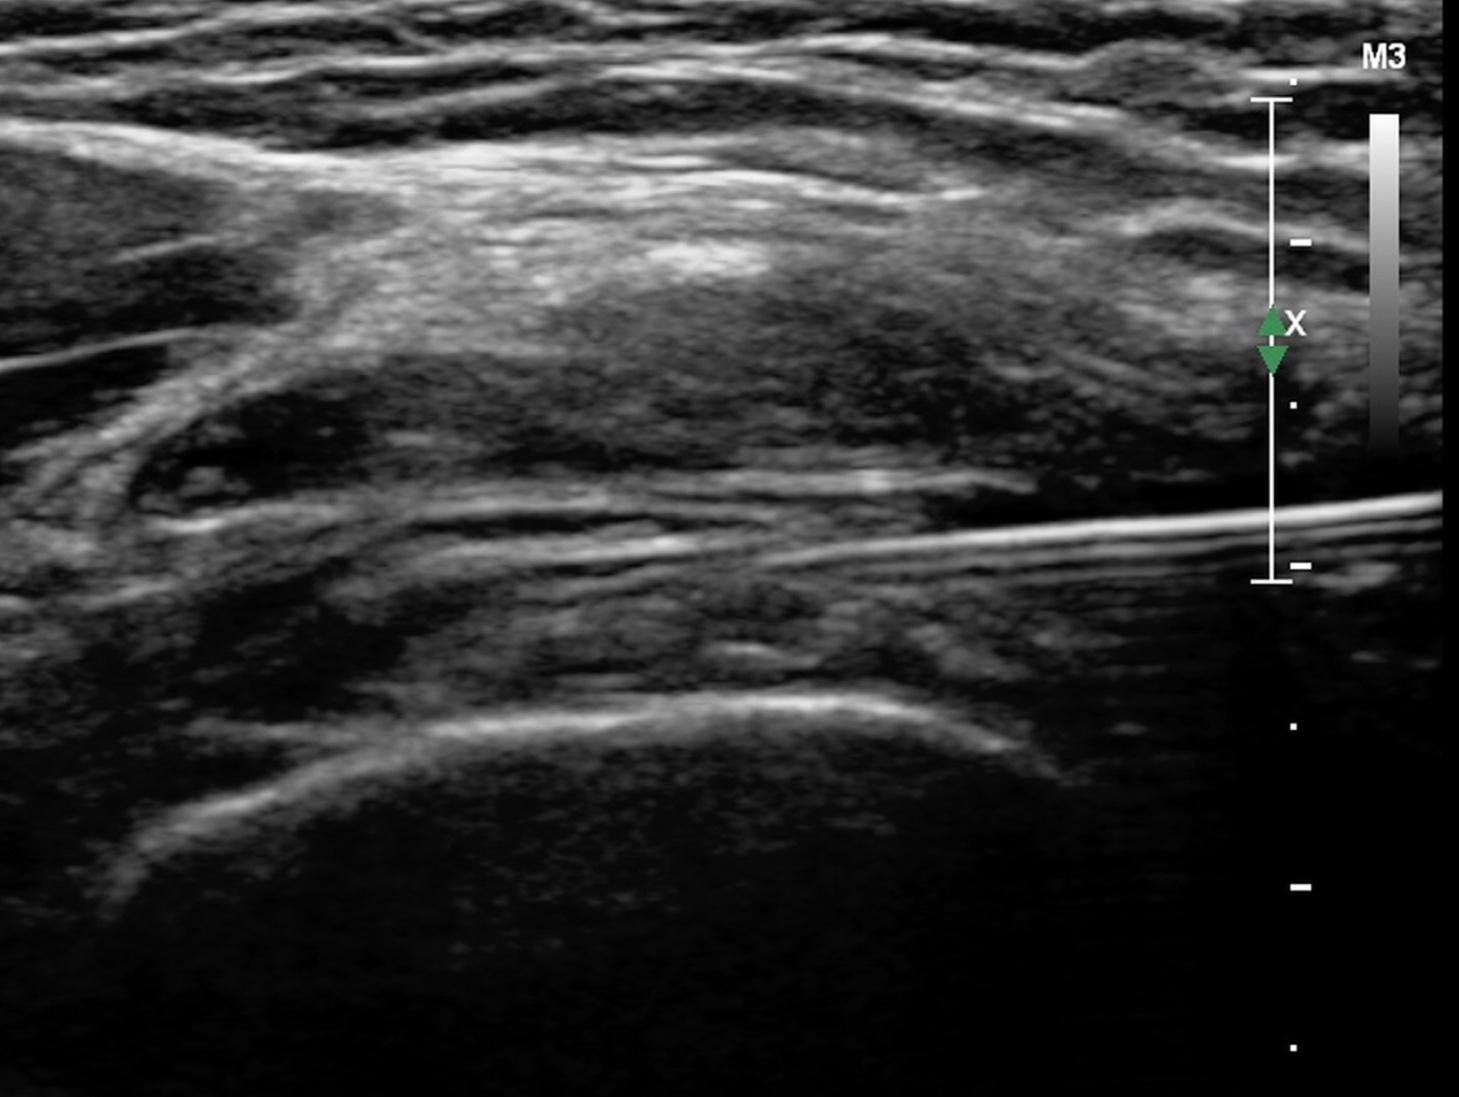 Knie-Gelenks-Infiltration über den Recessus suprapatellaris